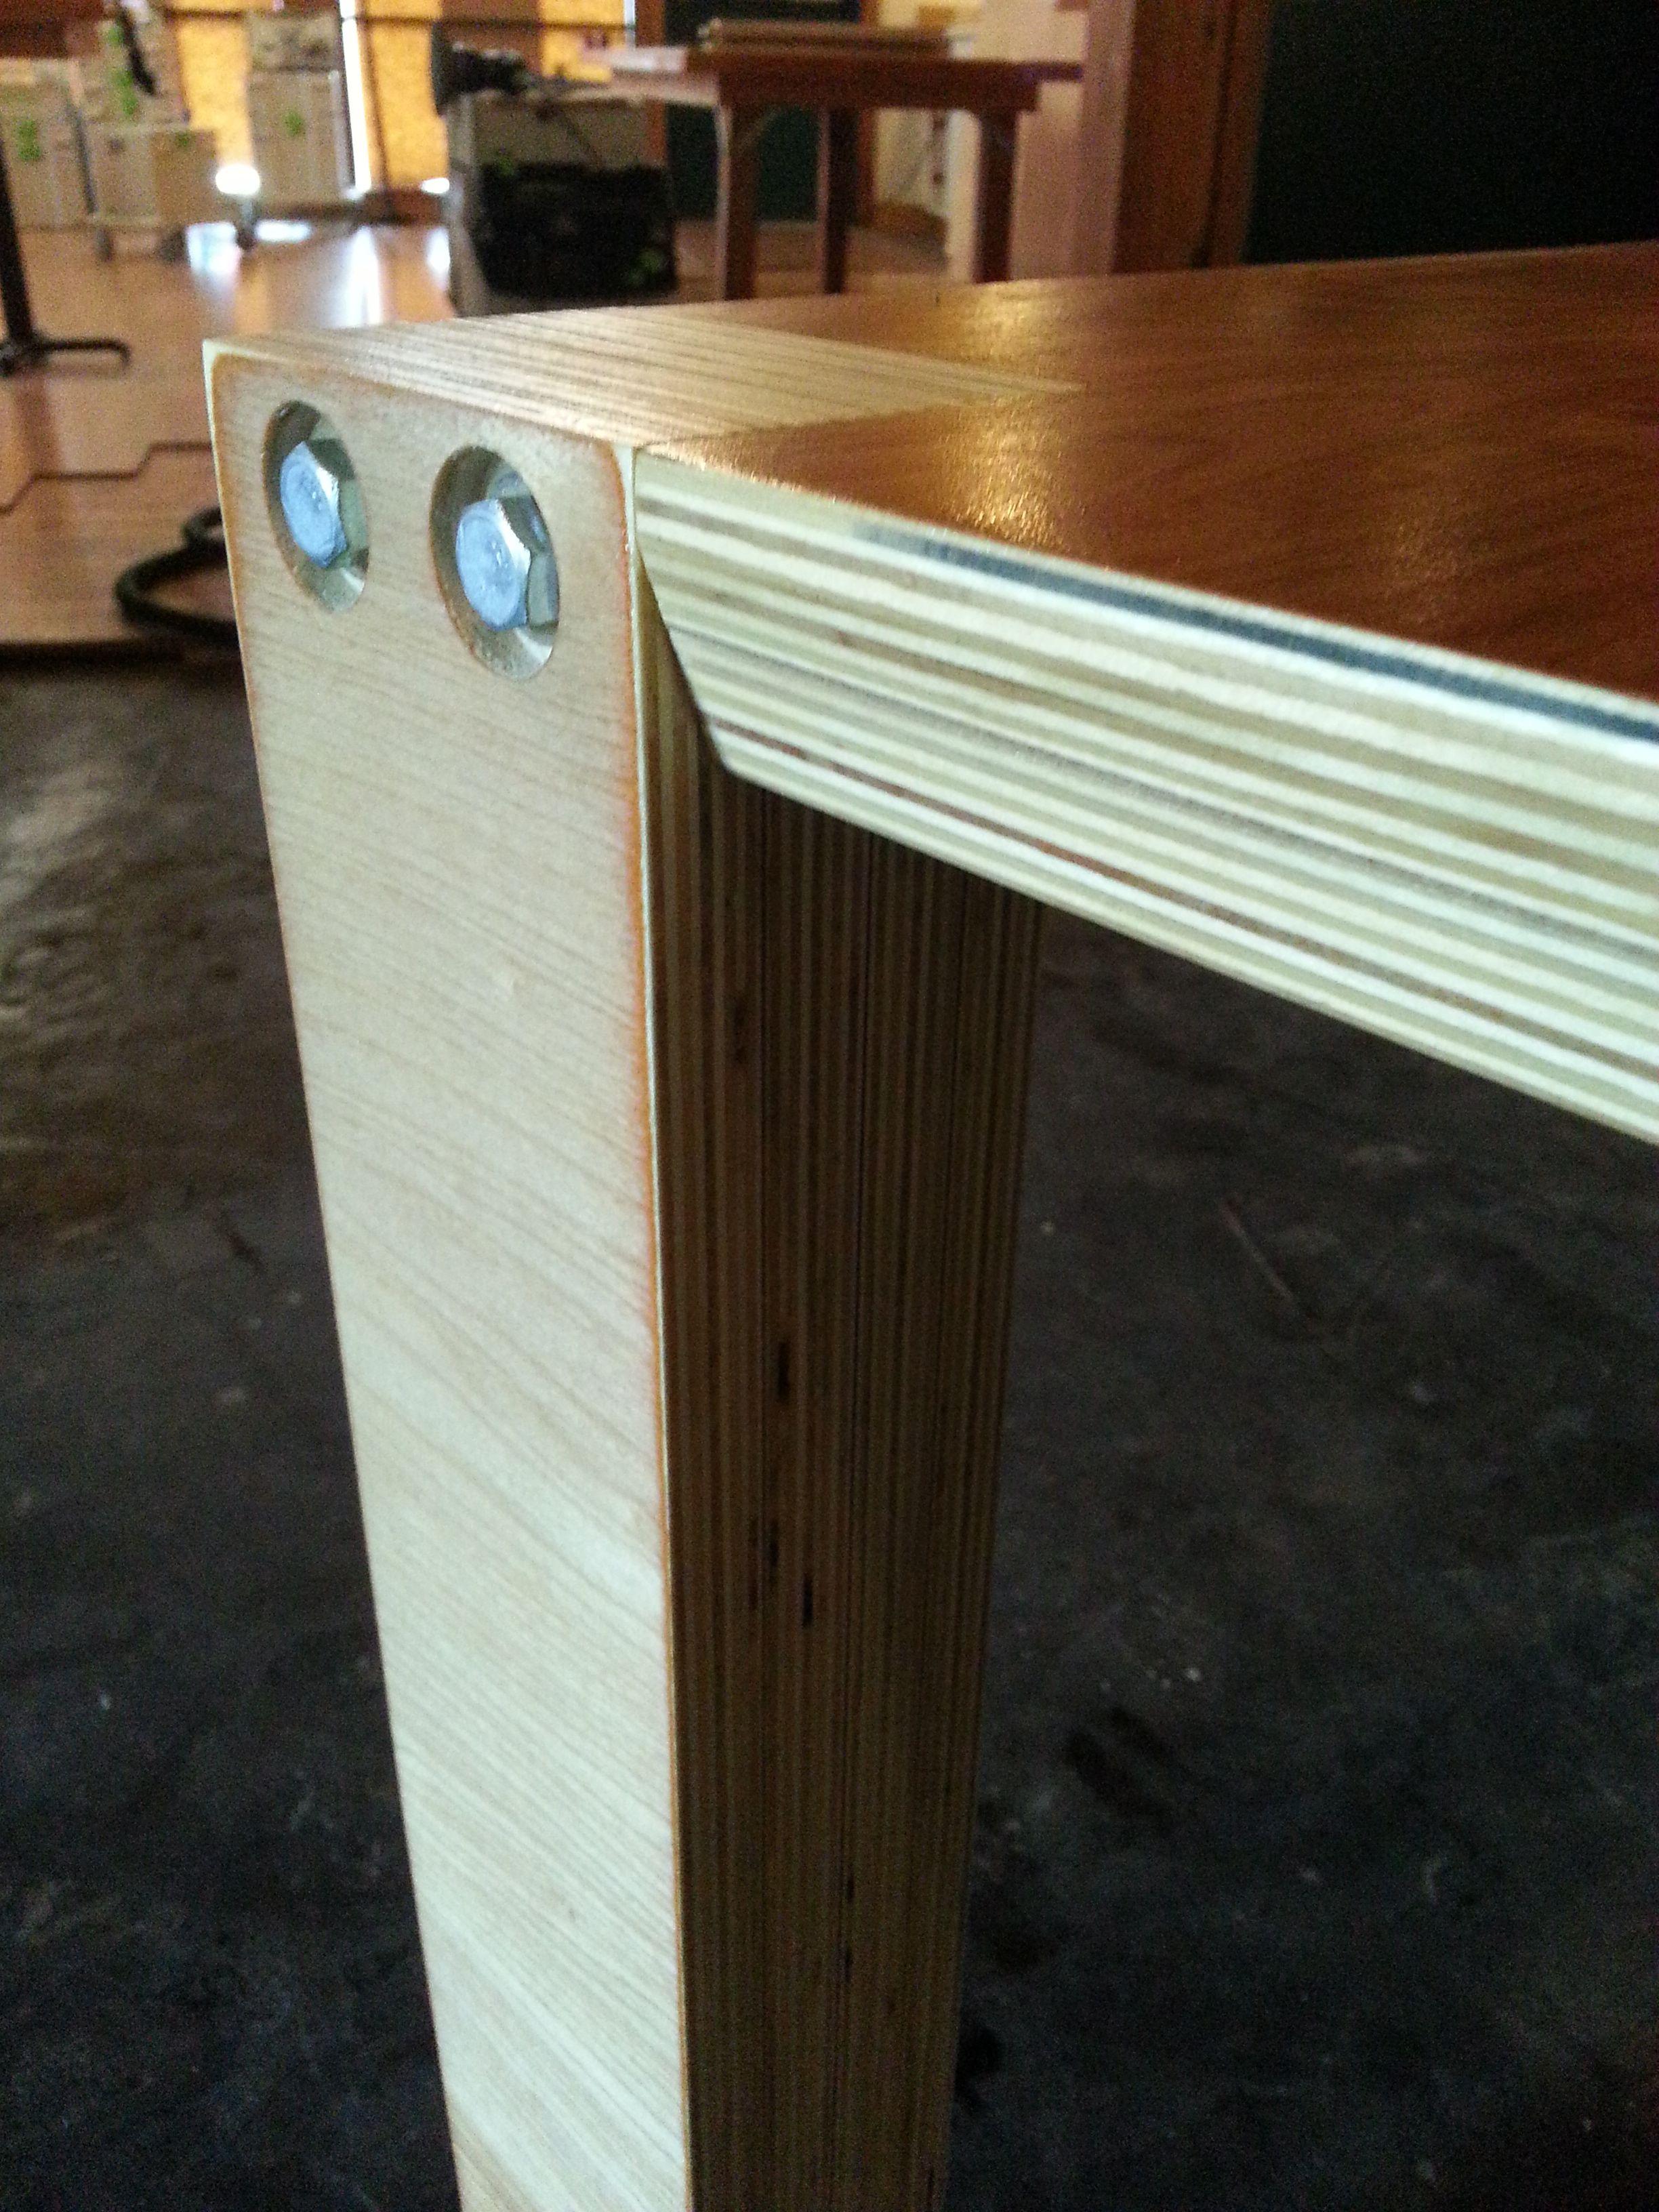 Laminated Birch Plywood Lag Bolts Festool Finishing 36 X 36 X